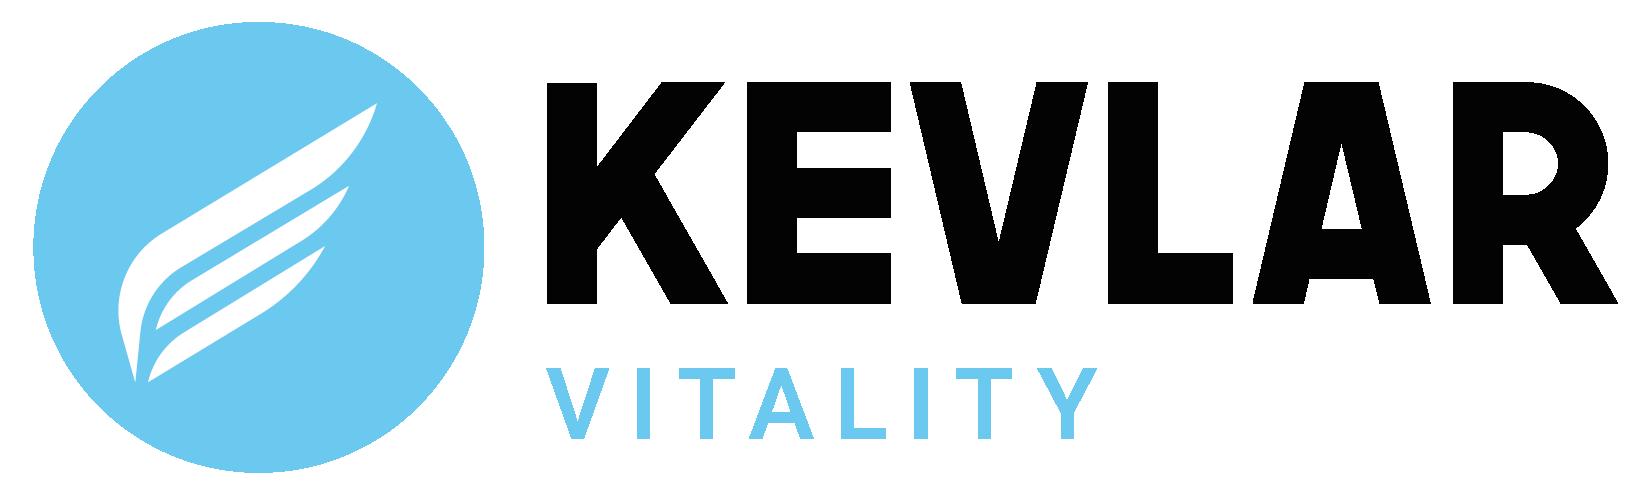 Kevlar Vitality